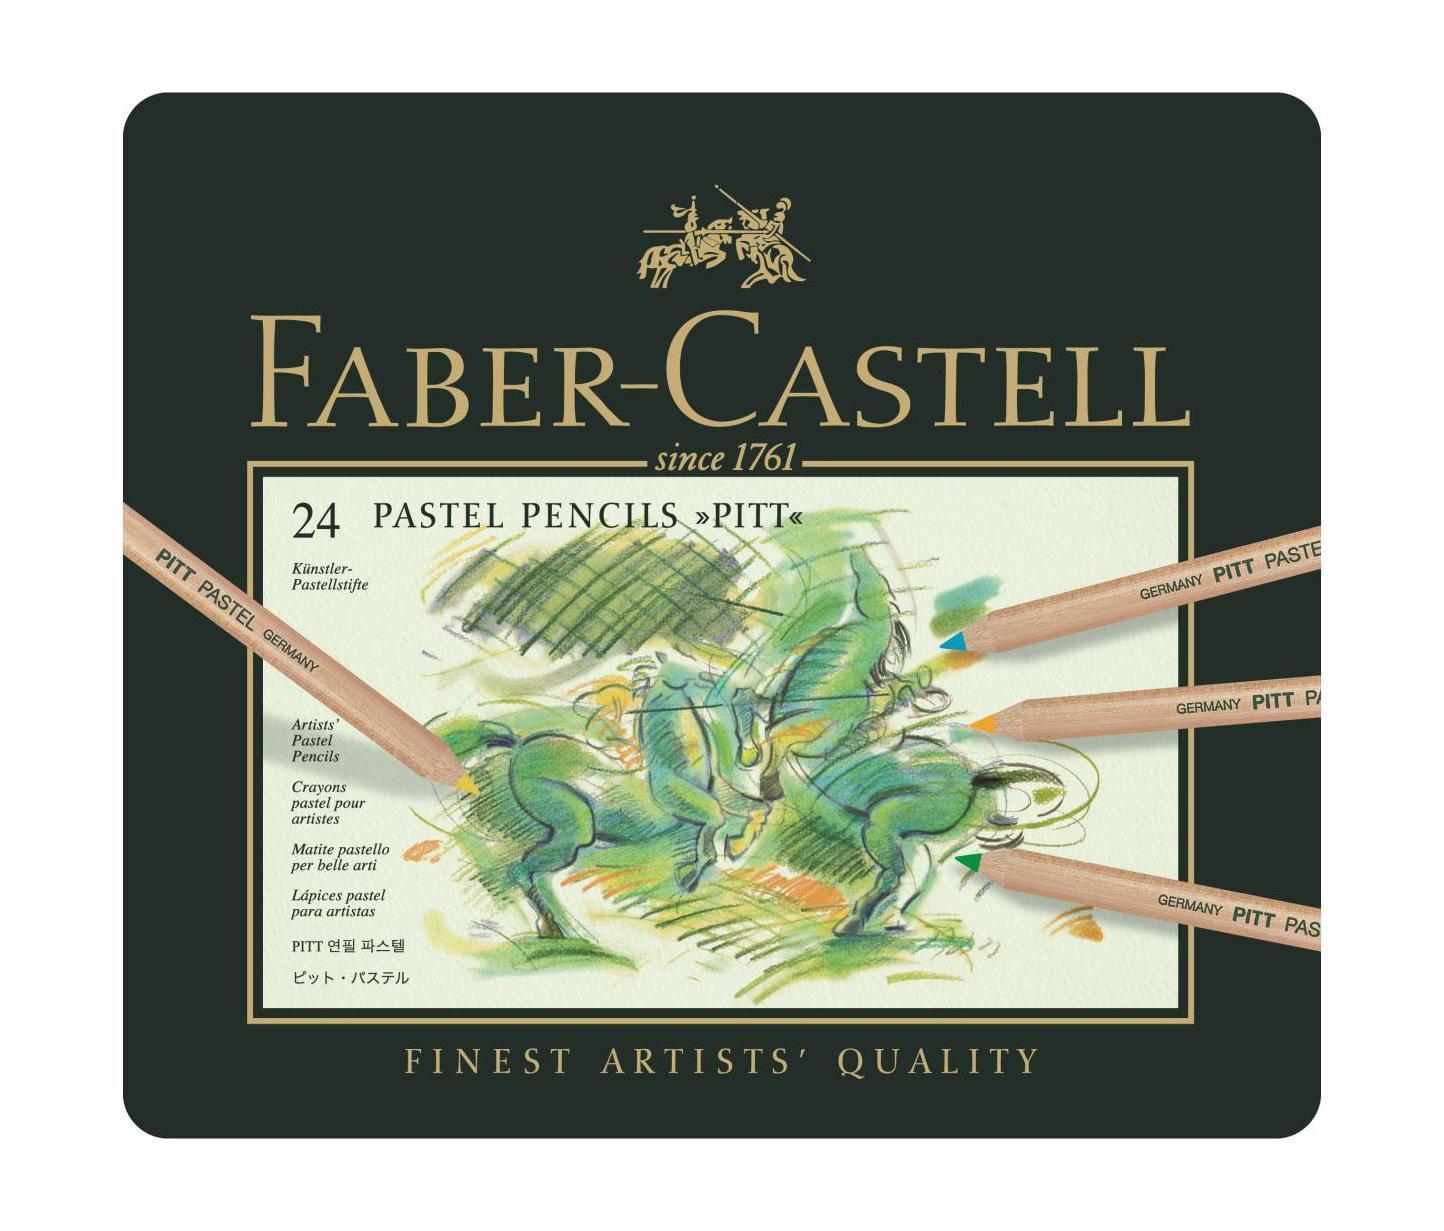 Пастельные карандаши PITT®, набор цветов, в металлической коробке, 24 шт.CRBB-US1-1P-36 Faber Castell PITT 112124 - это пастельные карандаши высокого качества, устойчивые к выцветанию. Они не содержат воска, имеют исключительно толстые грифели 4.3 мм. Вид карандаша: цветной. Материал: дерево.